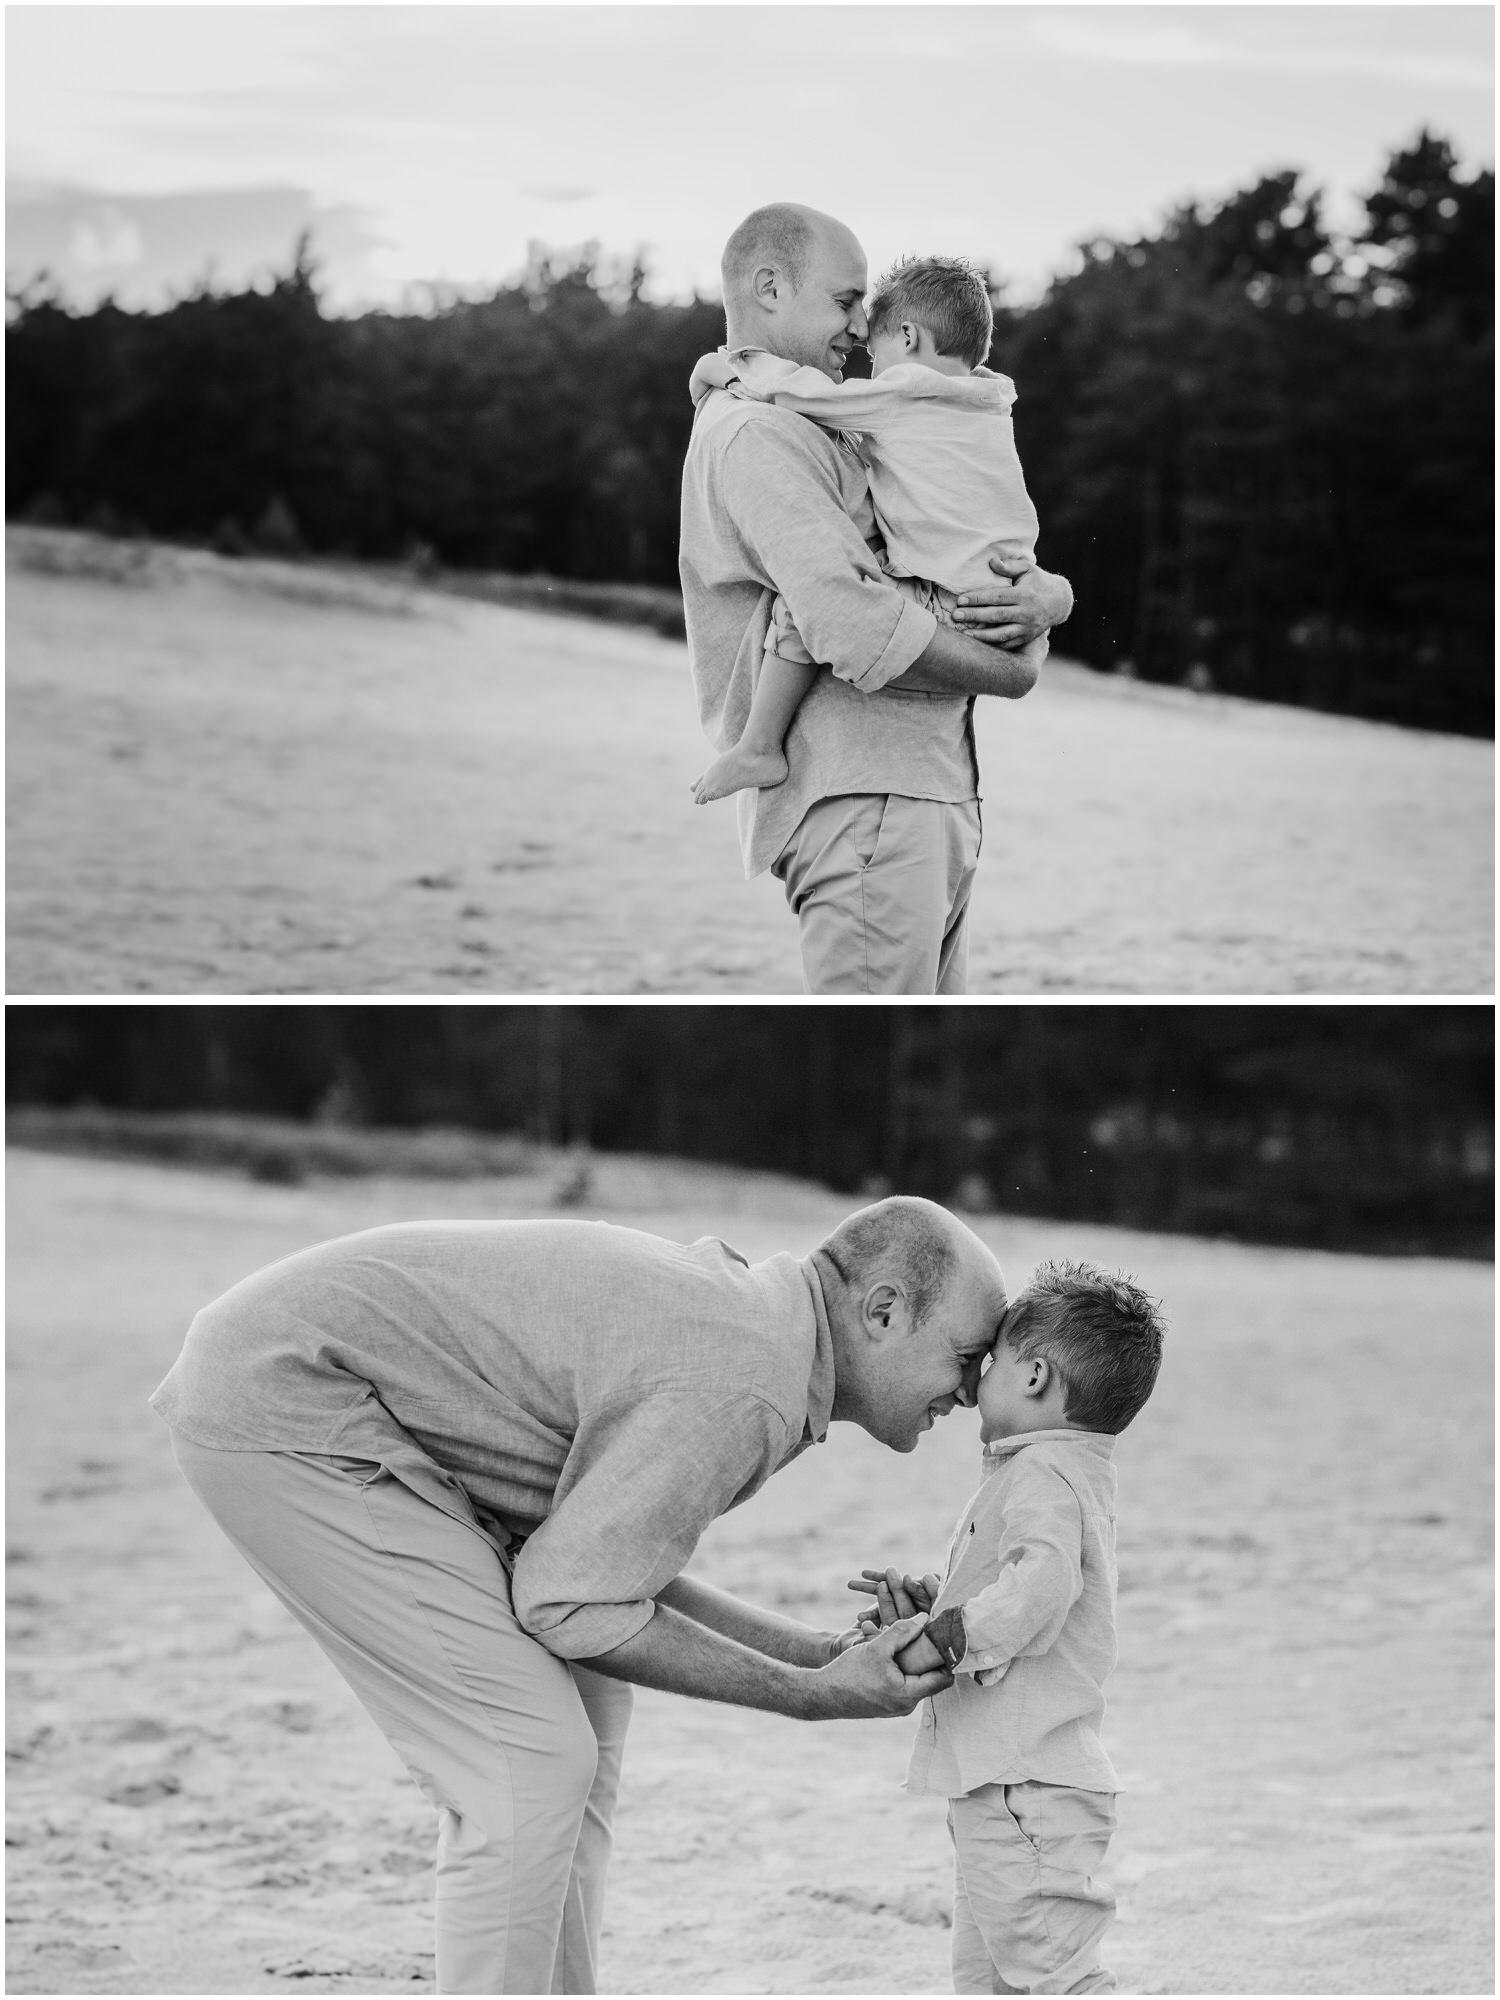 gefühlvolles Foto von Papa mit Sohn